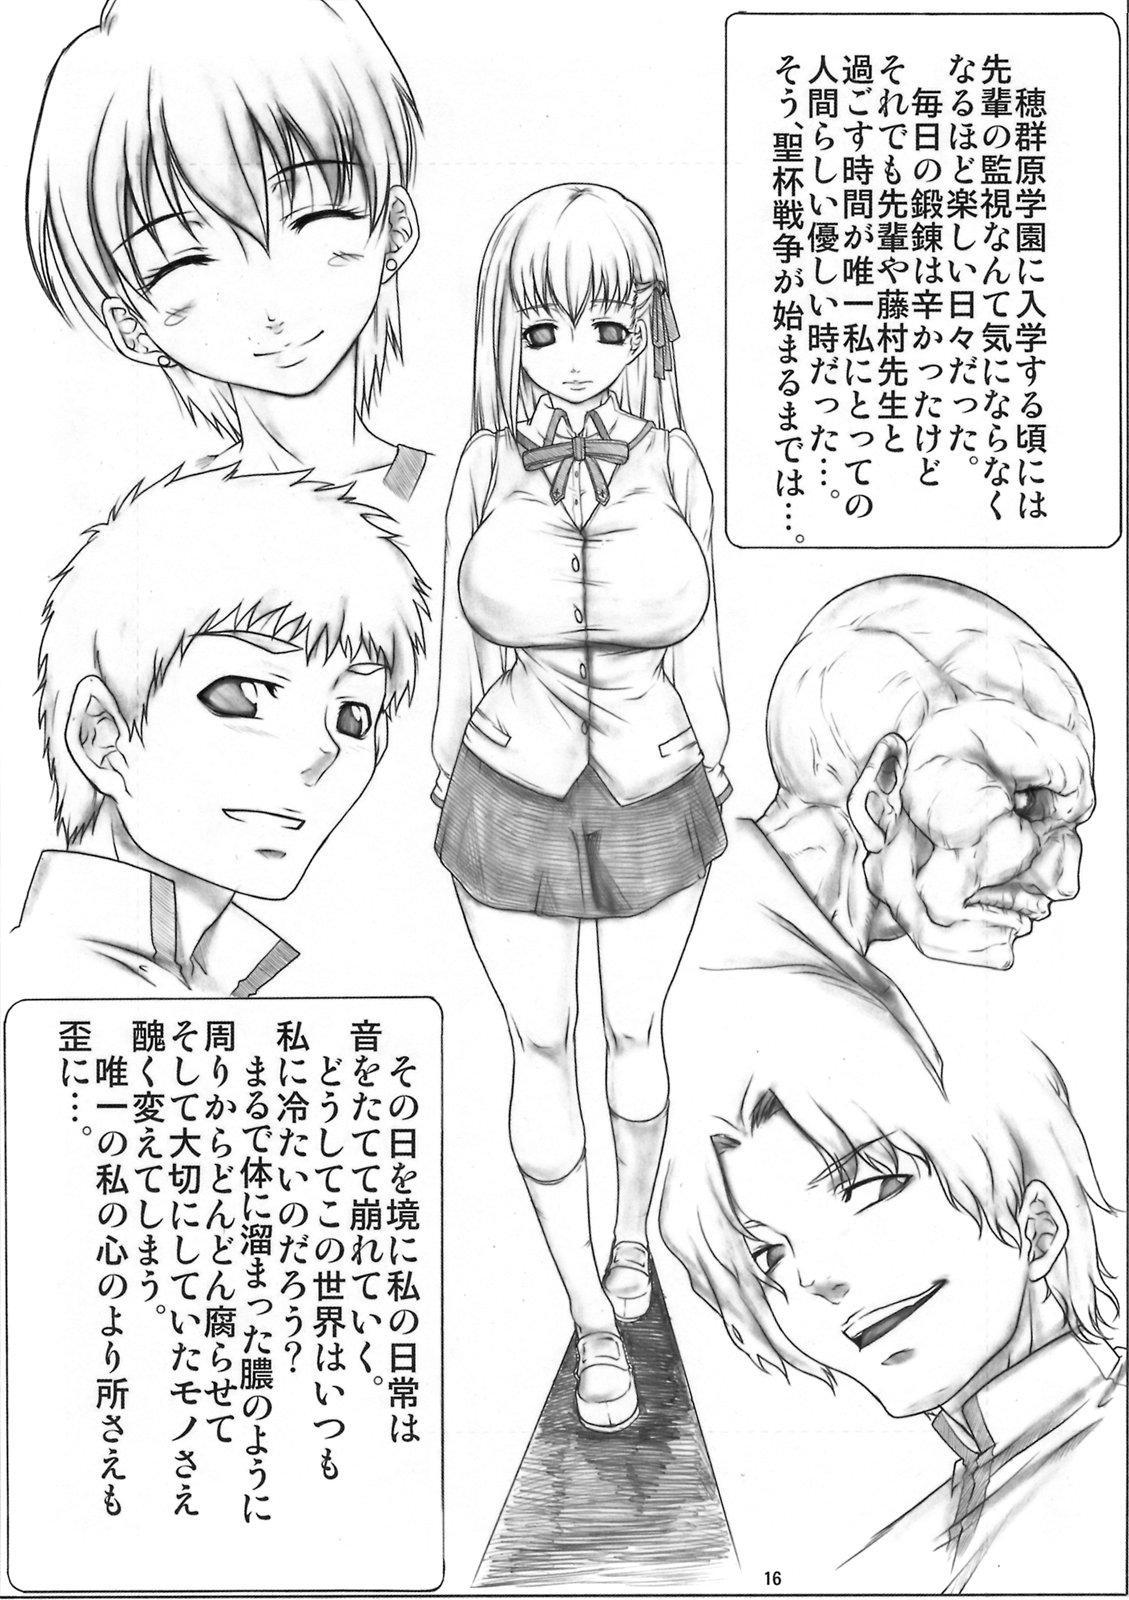 Angel's Stroke 14 Kuroki Sakura no Mai Chiru Yoru ni 16